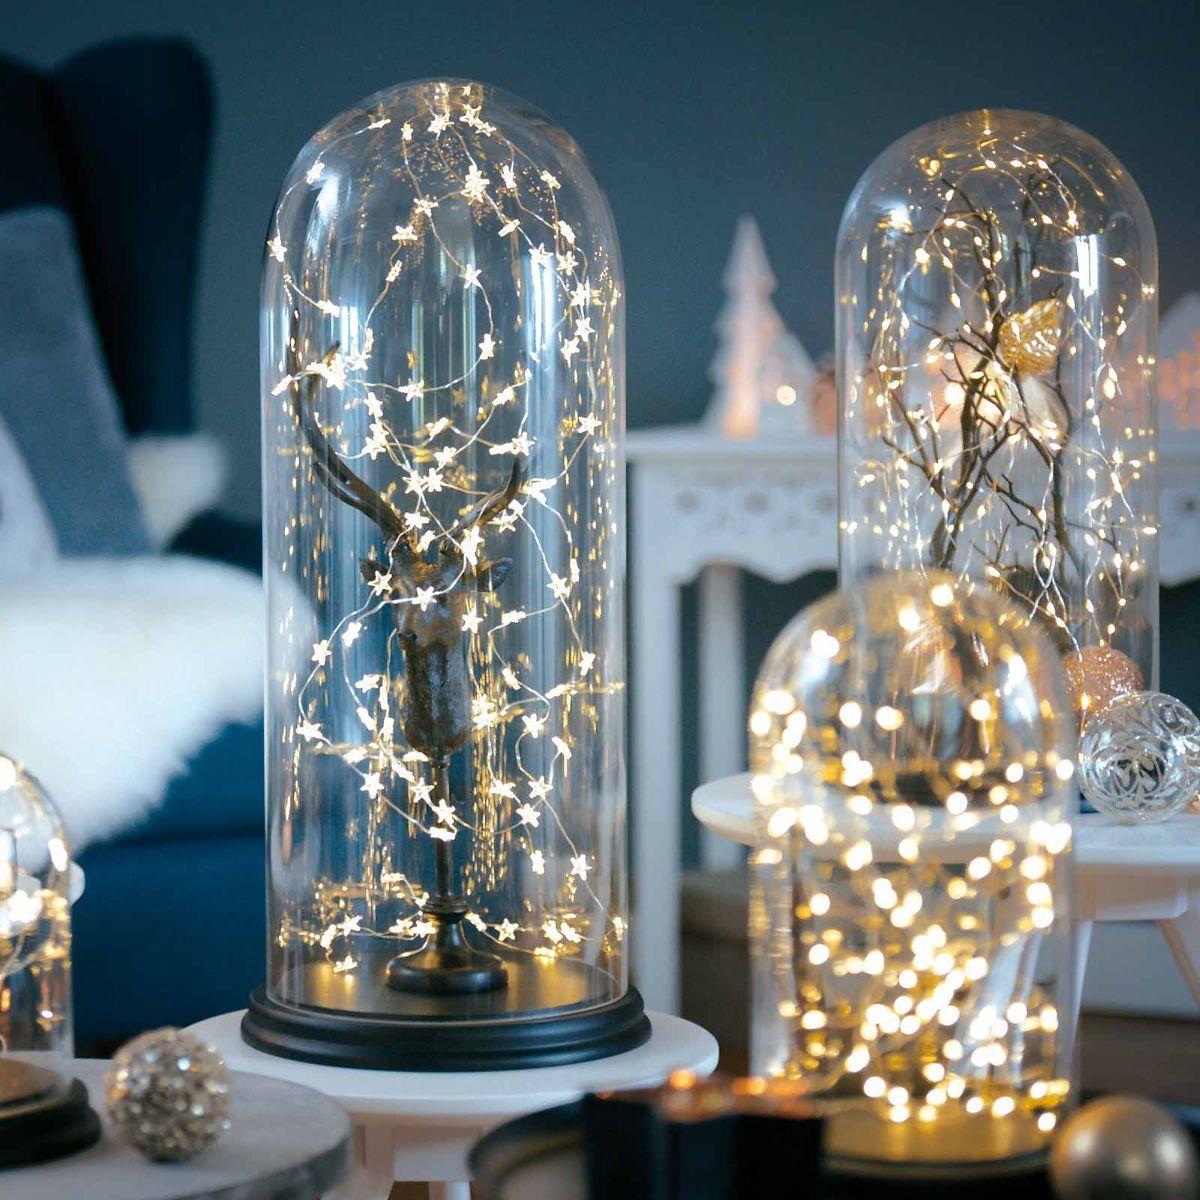 schones schone ideen fur das fest der feste tradition trifft moderne der weihnachtsdekoration grosse pic der acceecffc